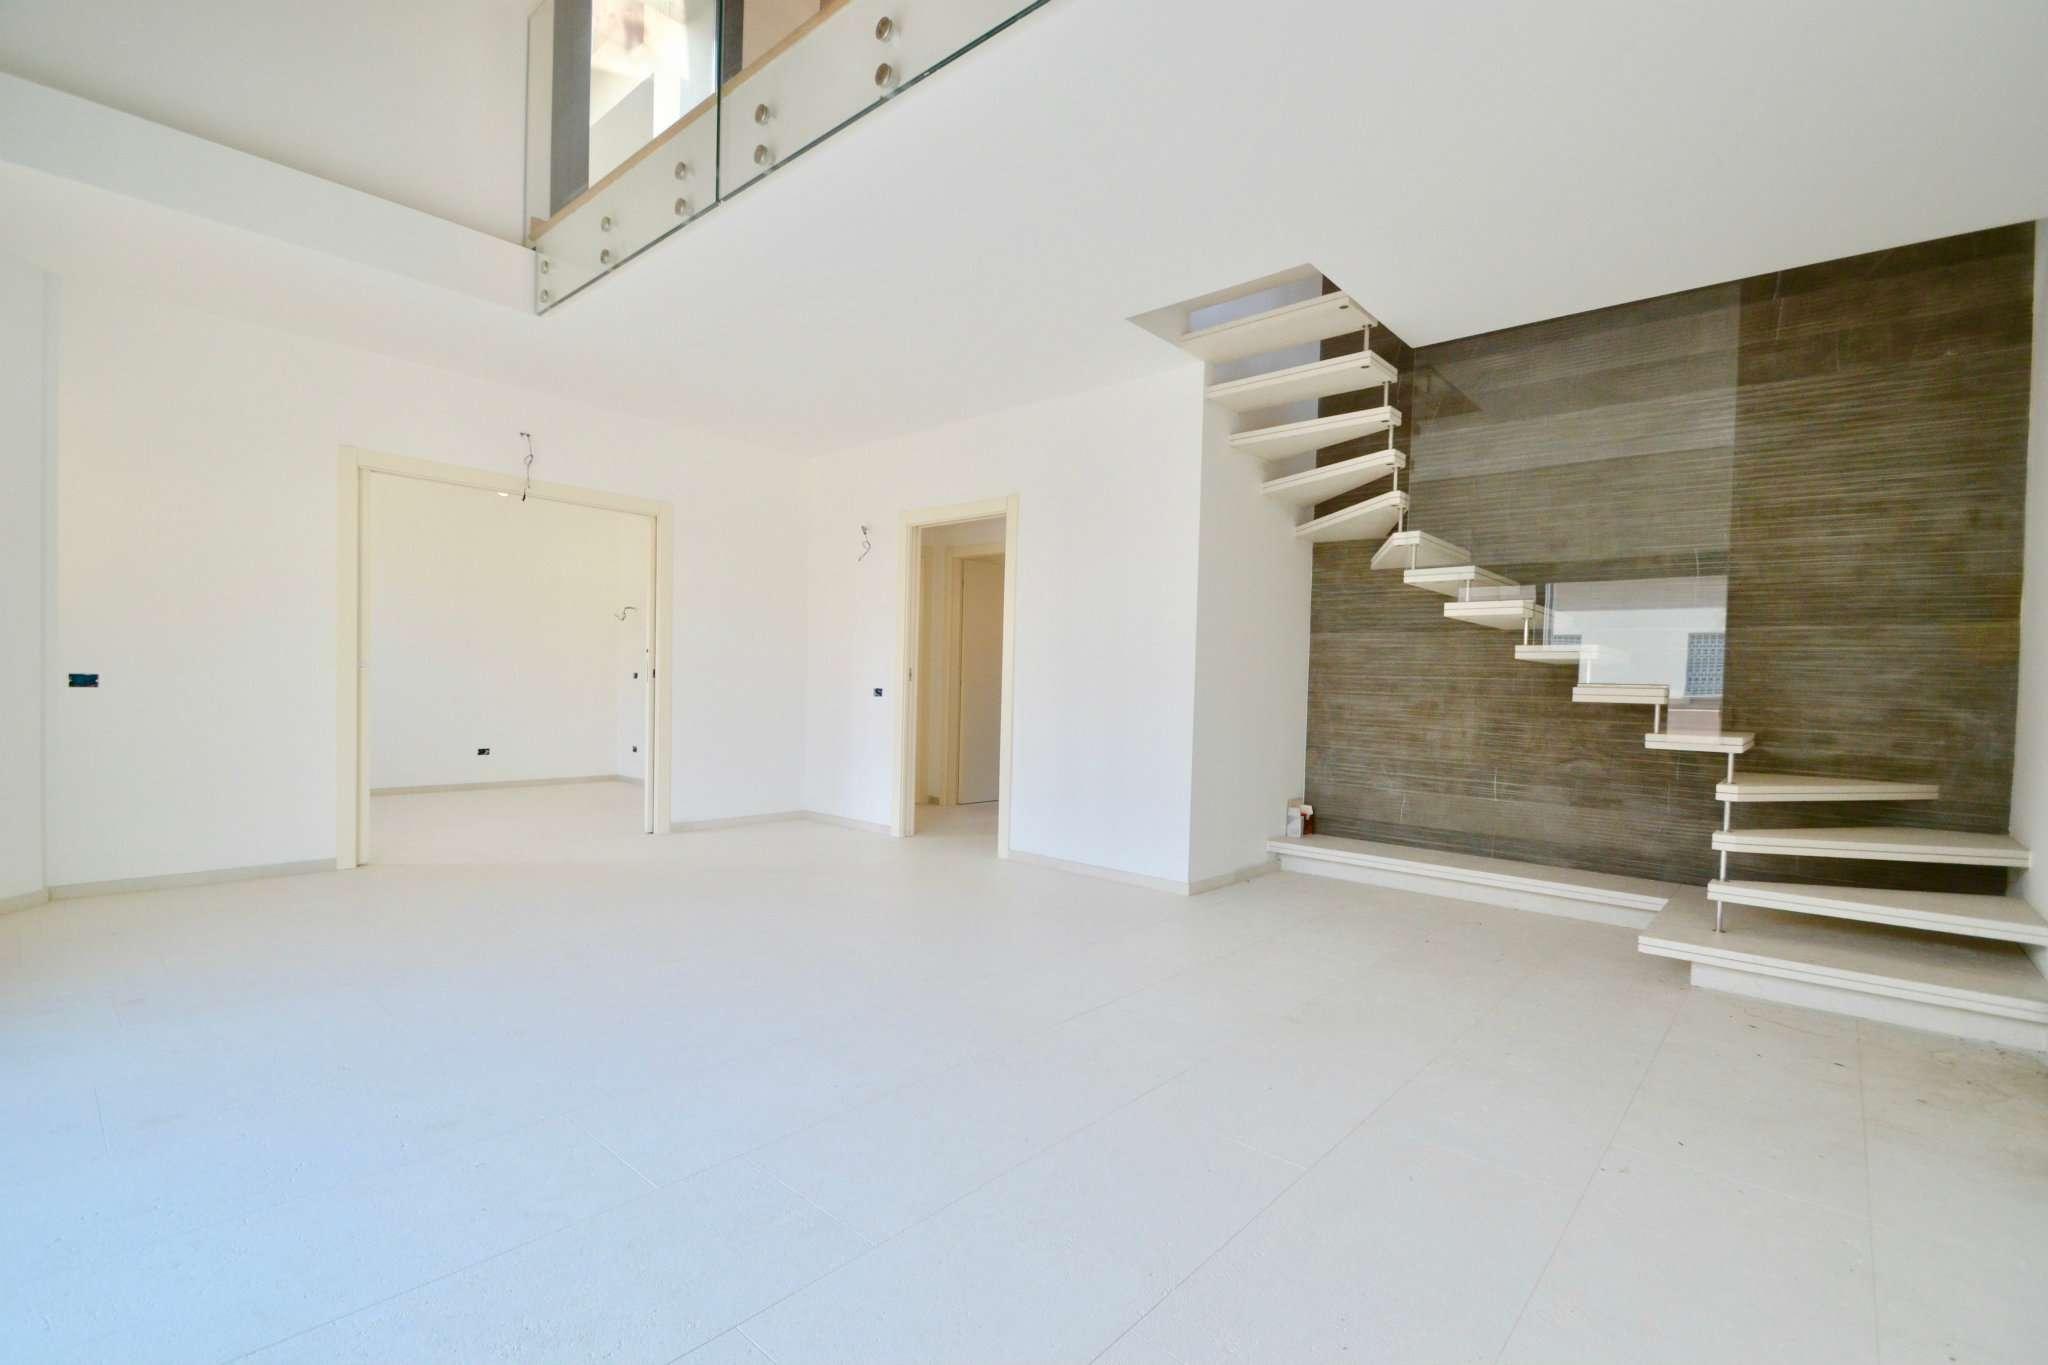 Appartamento in vendita a Treviolo, 4 locali, prezzo € 350.000 | PortaleAgenzieImmobiliari.it